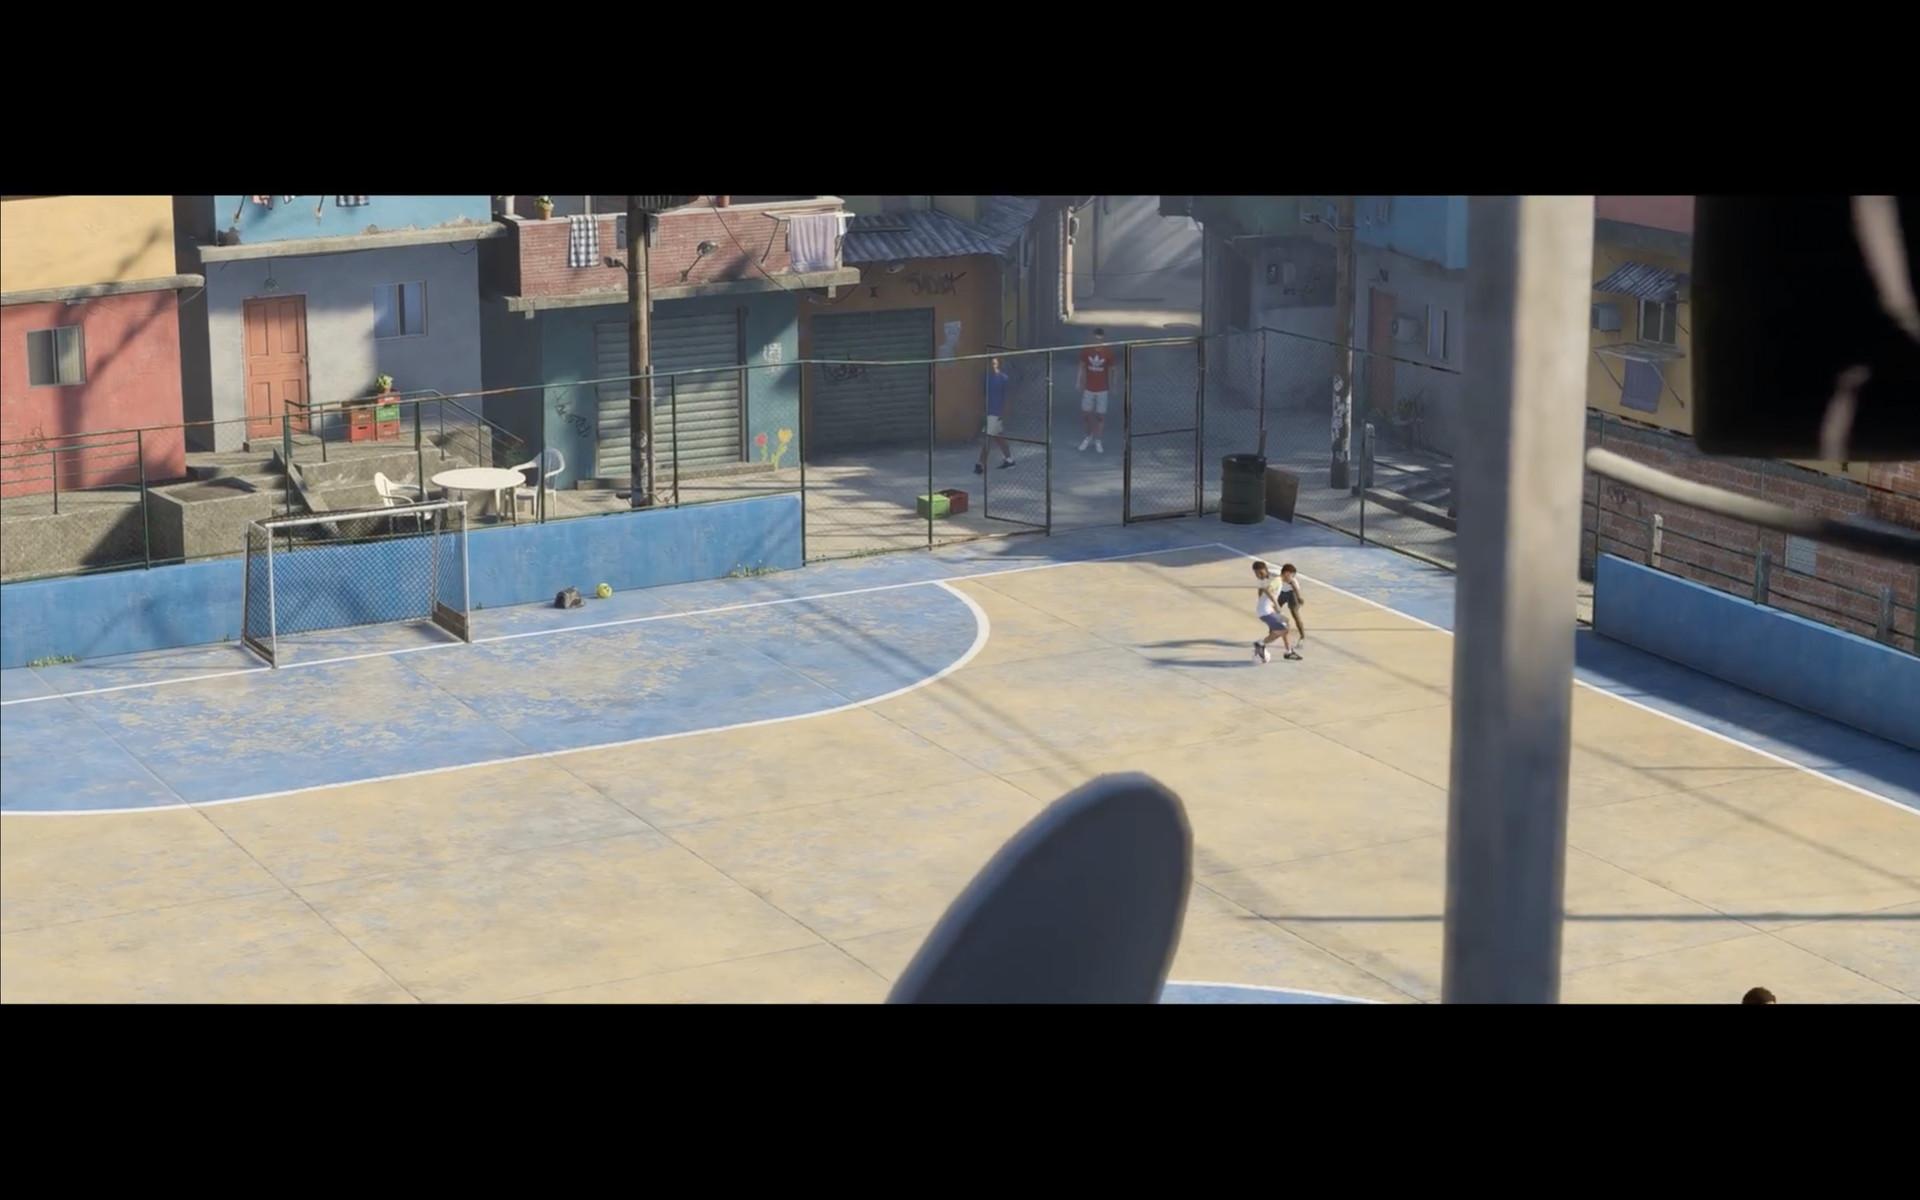 Zane sturm favela 2